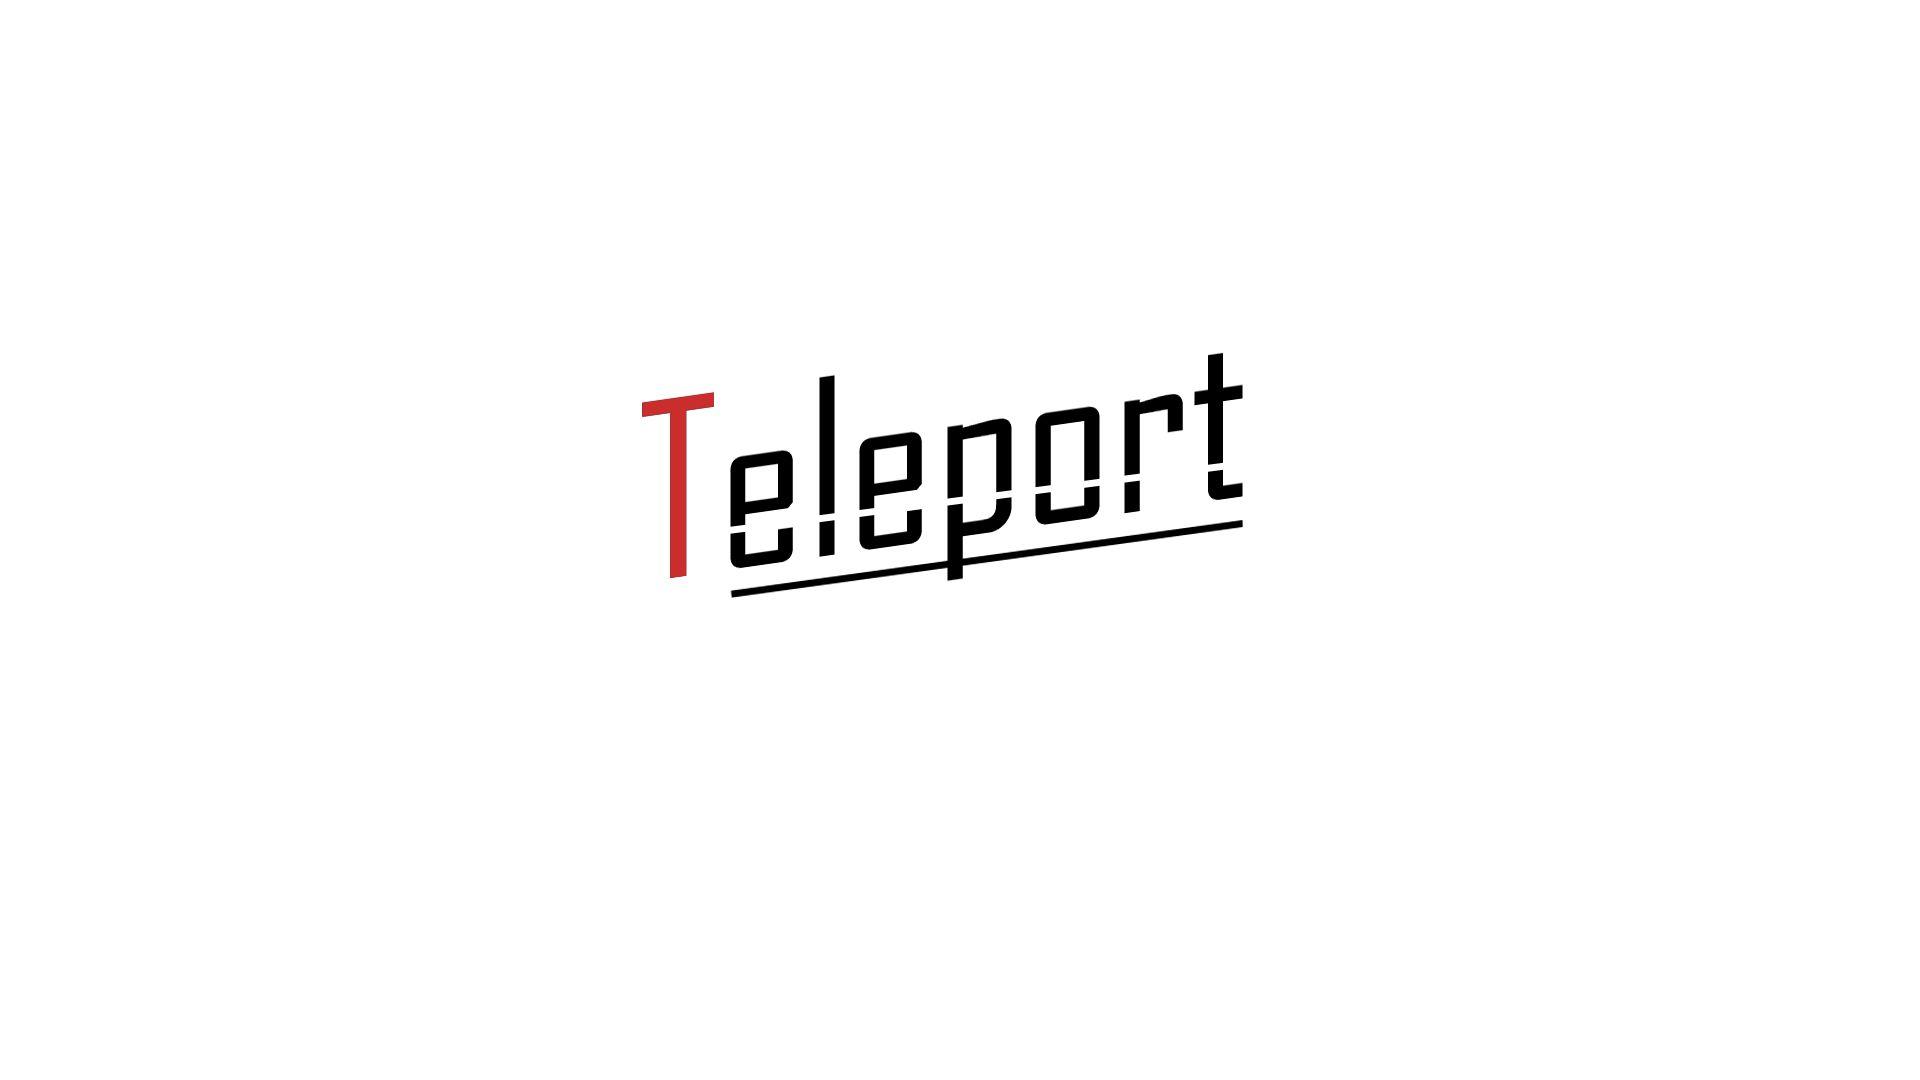 Логотип для Телепорт - дизайнер pashzilyov